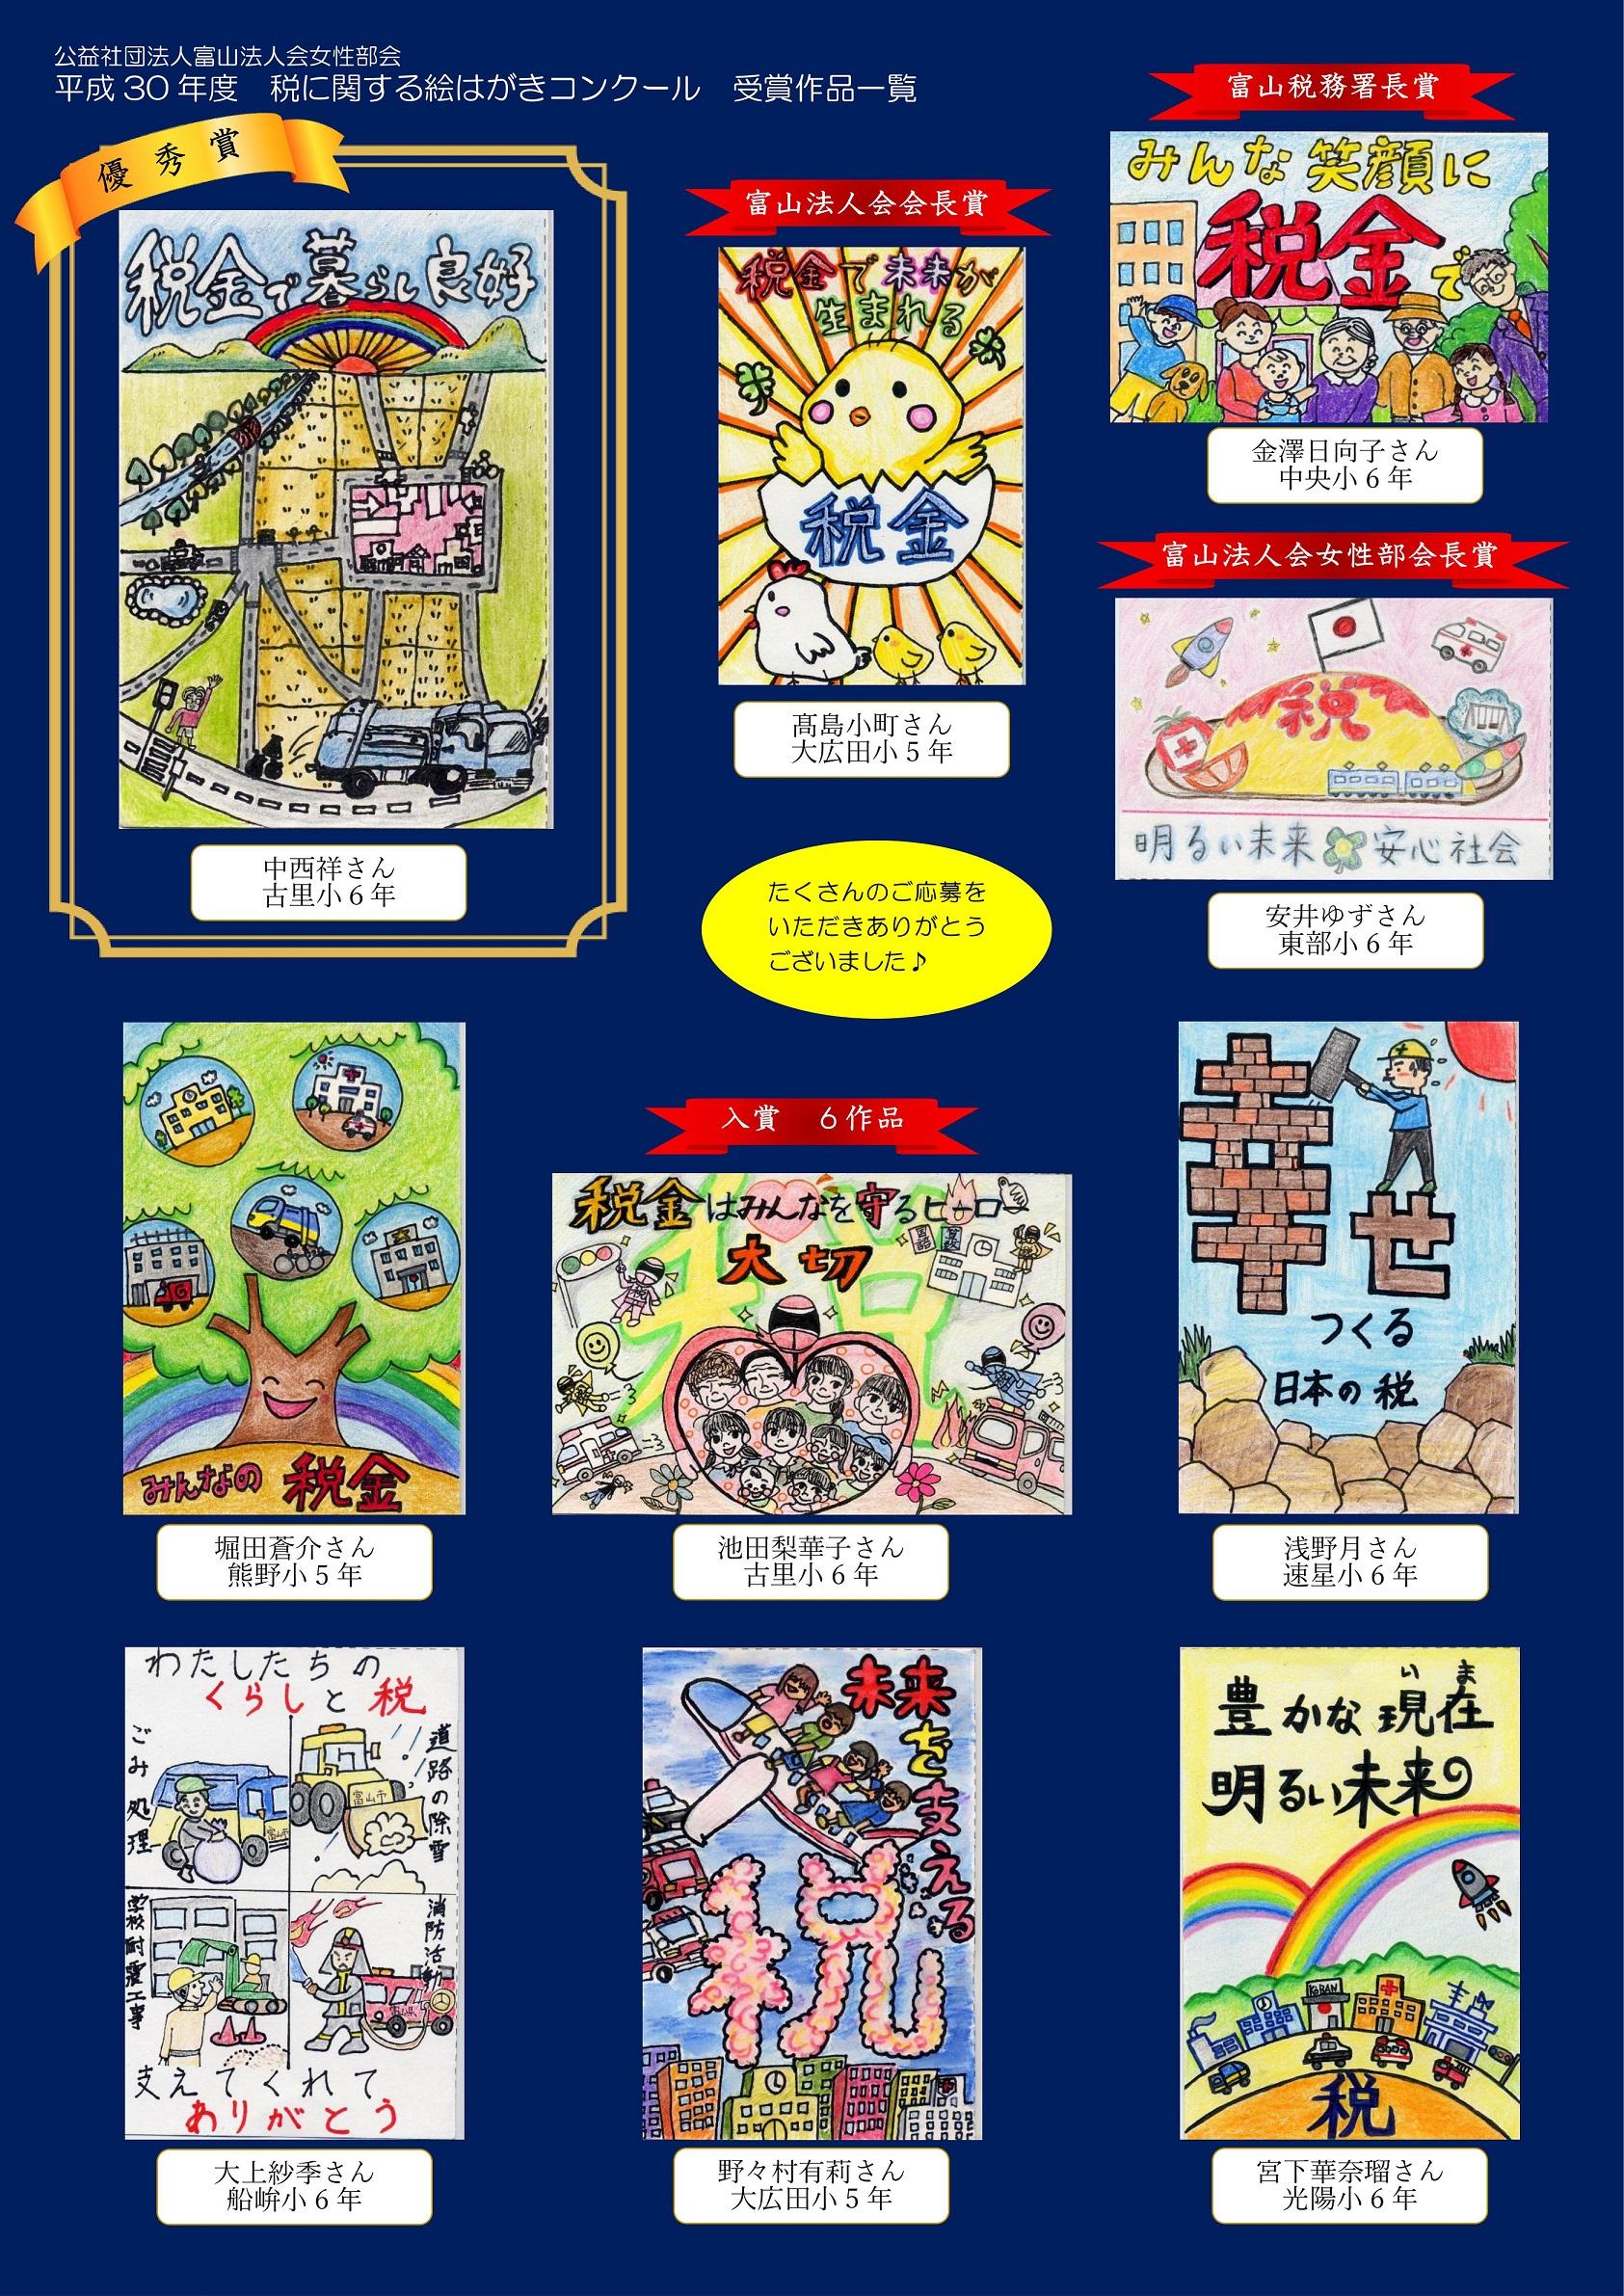 平成30年度絵はがきコンクール結果(富山)